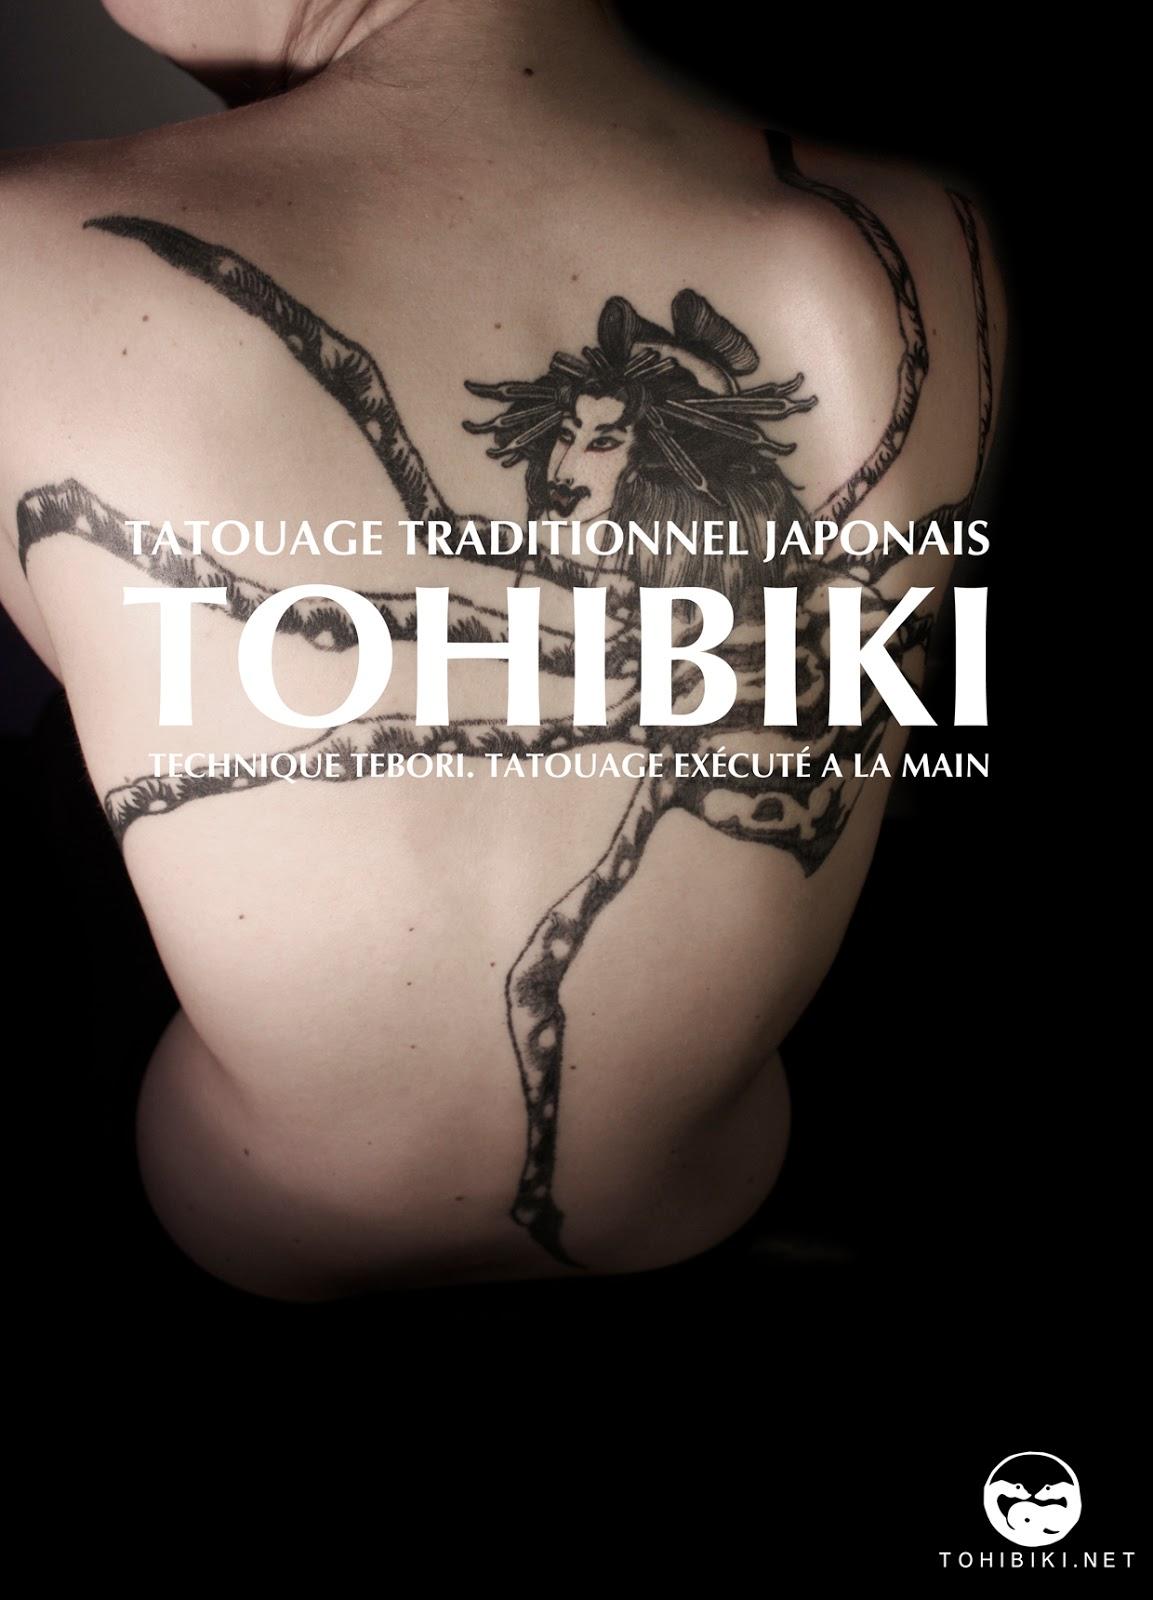 Specialiste Tatouage Japonais Paris - Starasian Tattoo Tatouages Polynésien asiatique et